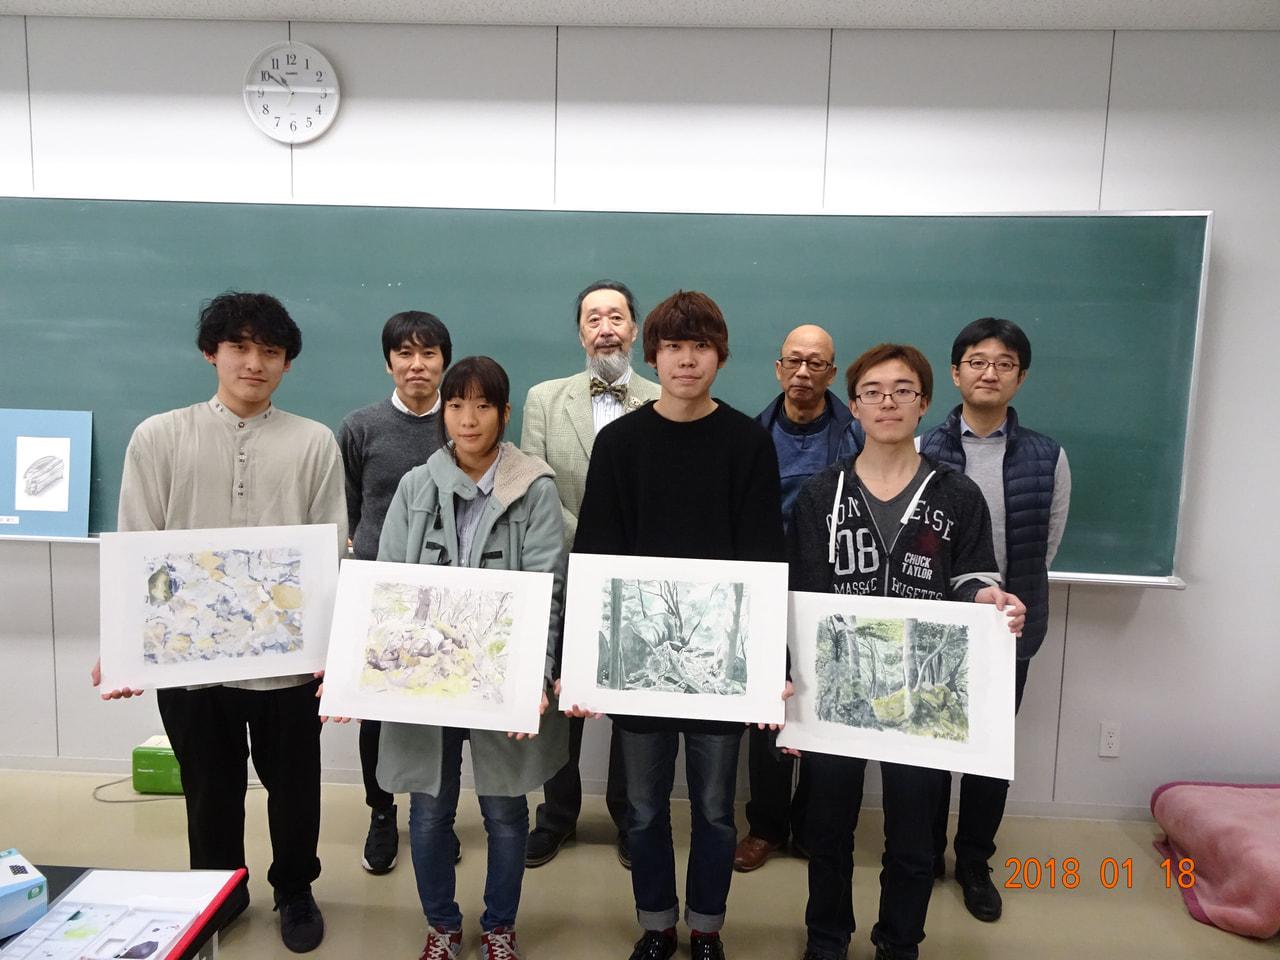 本学科「造形演習I・II」ご担当の井村良裕先生と橋本紀夫先生による最後の演習授業